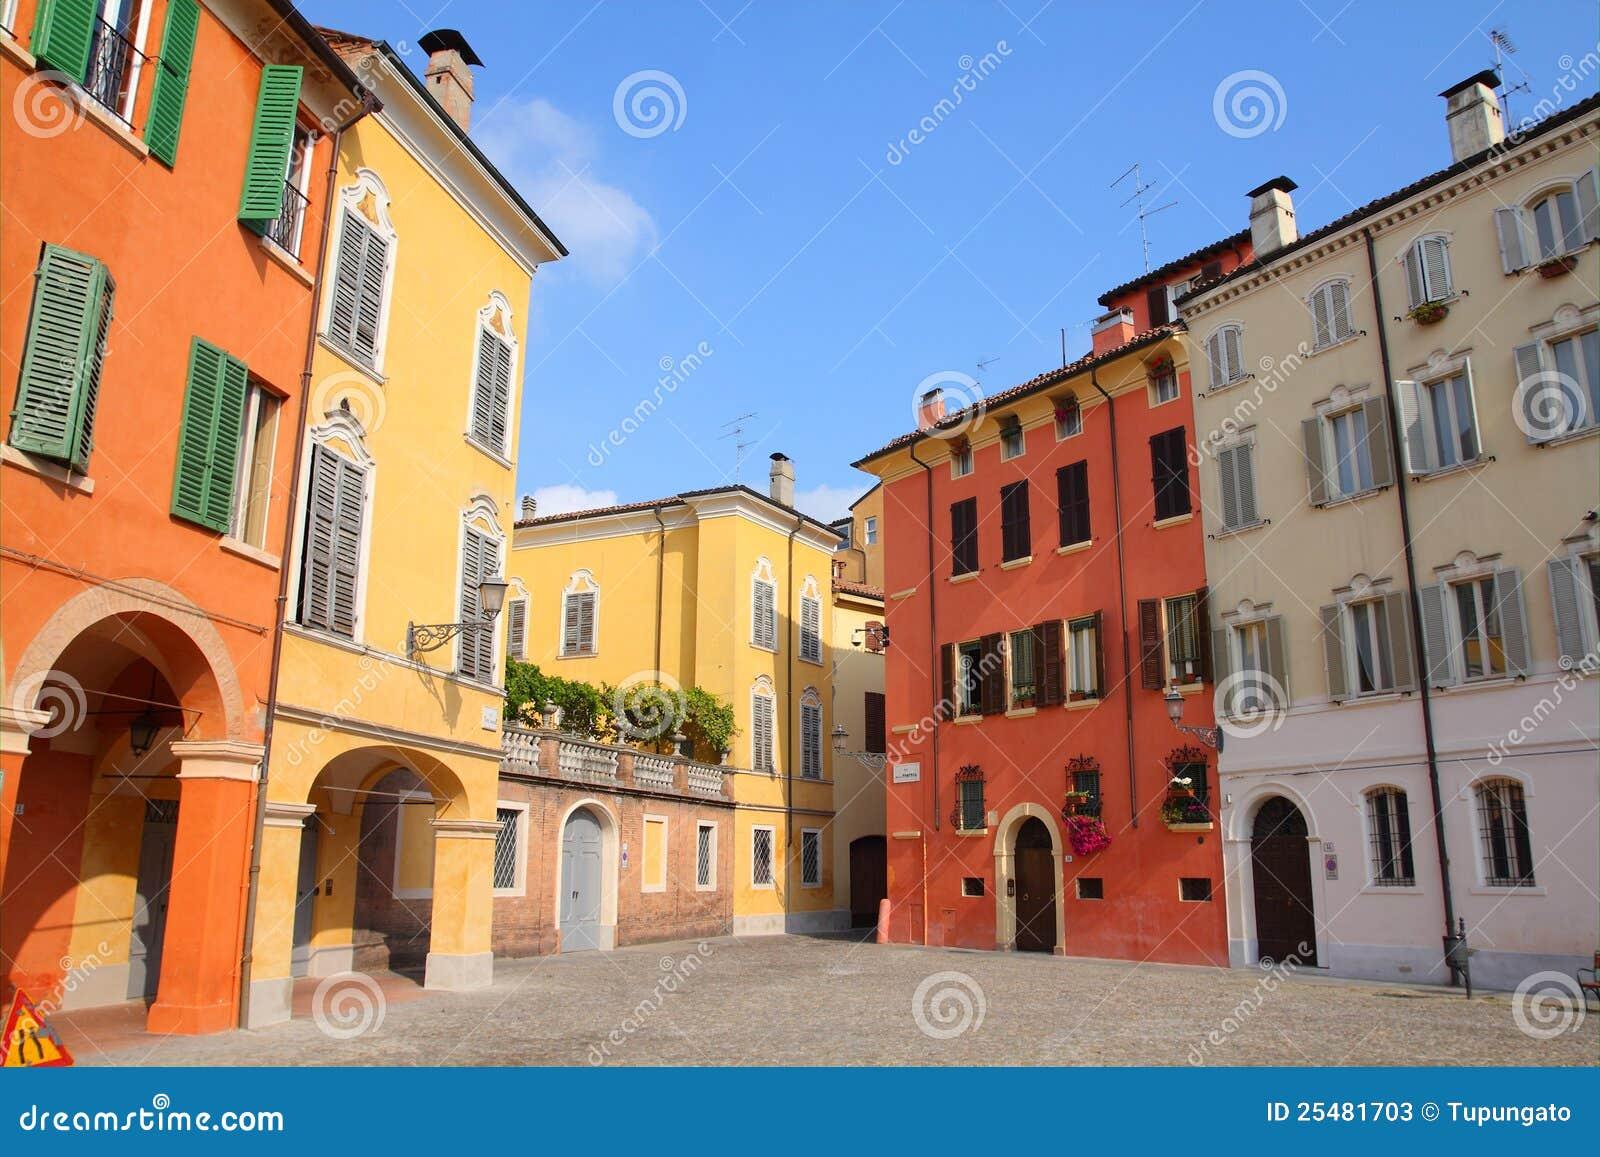 Italy modena